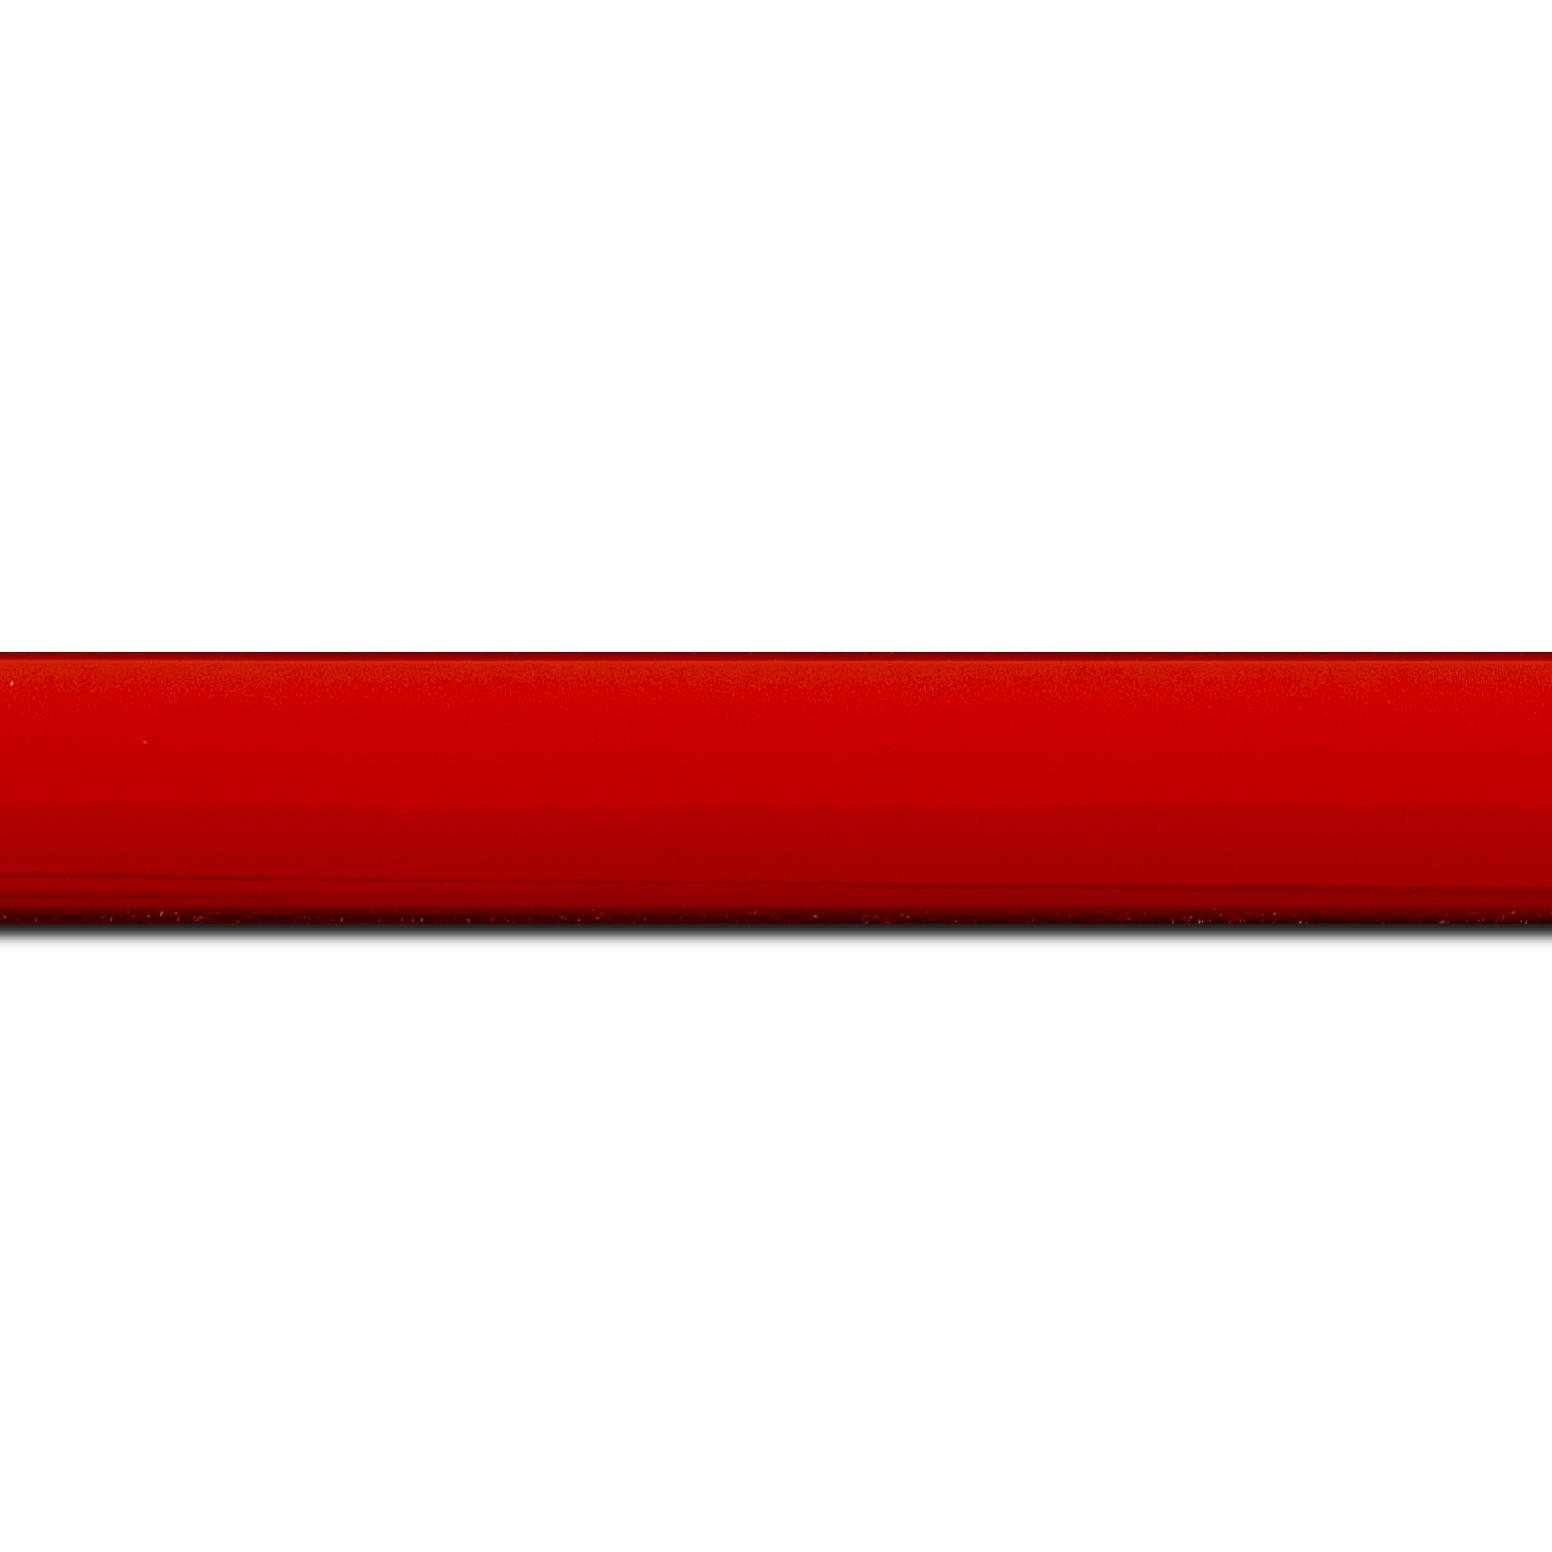 Baguette longueur 1.40m bois profil méplat largeur 2.3cm couleur rouge laqué